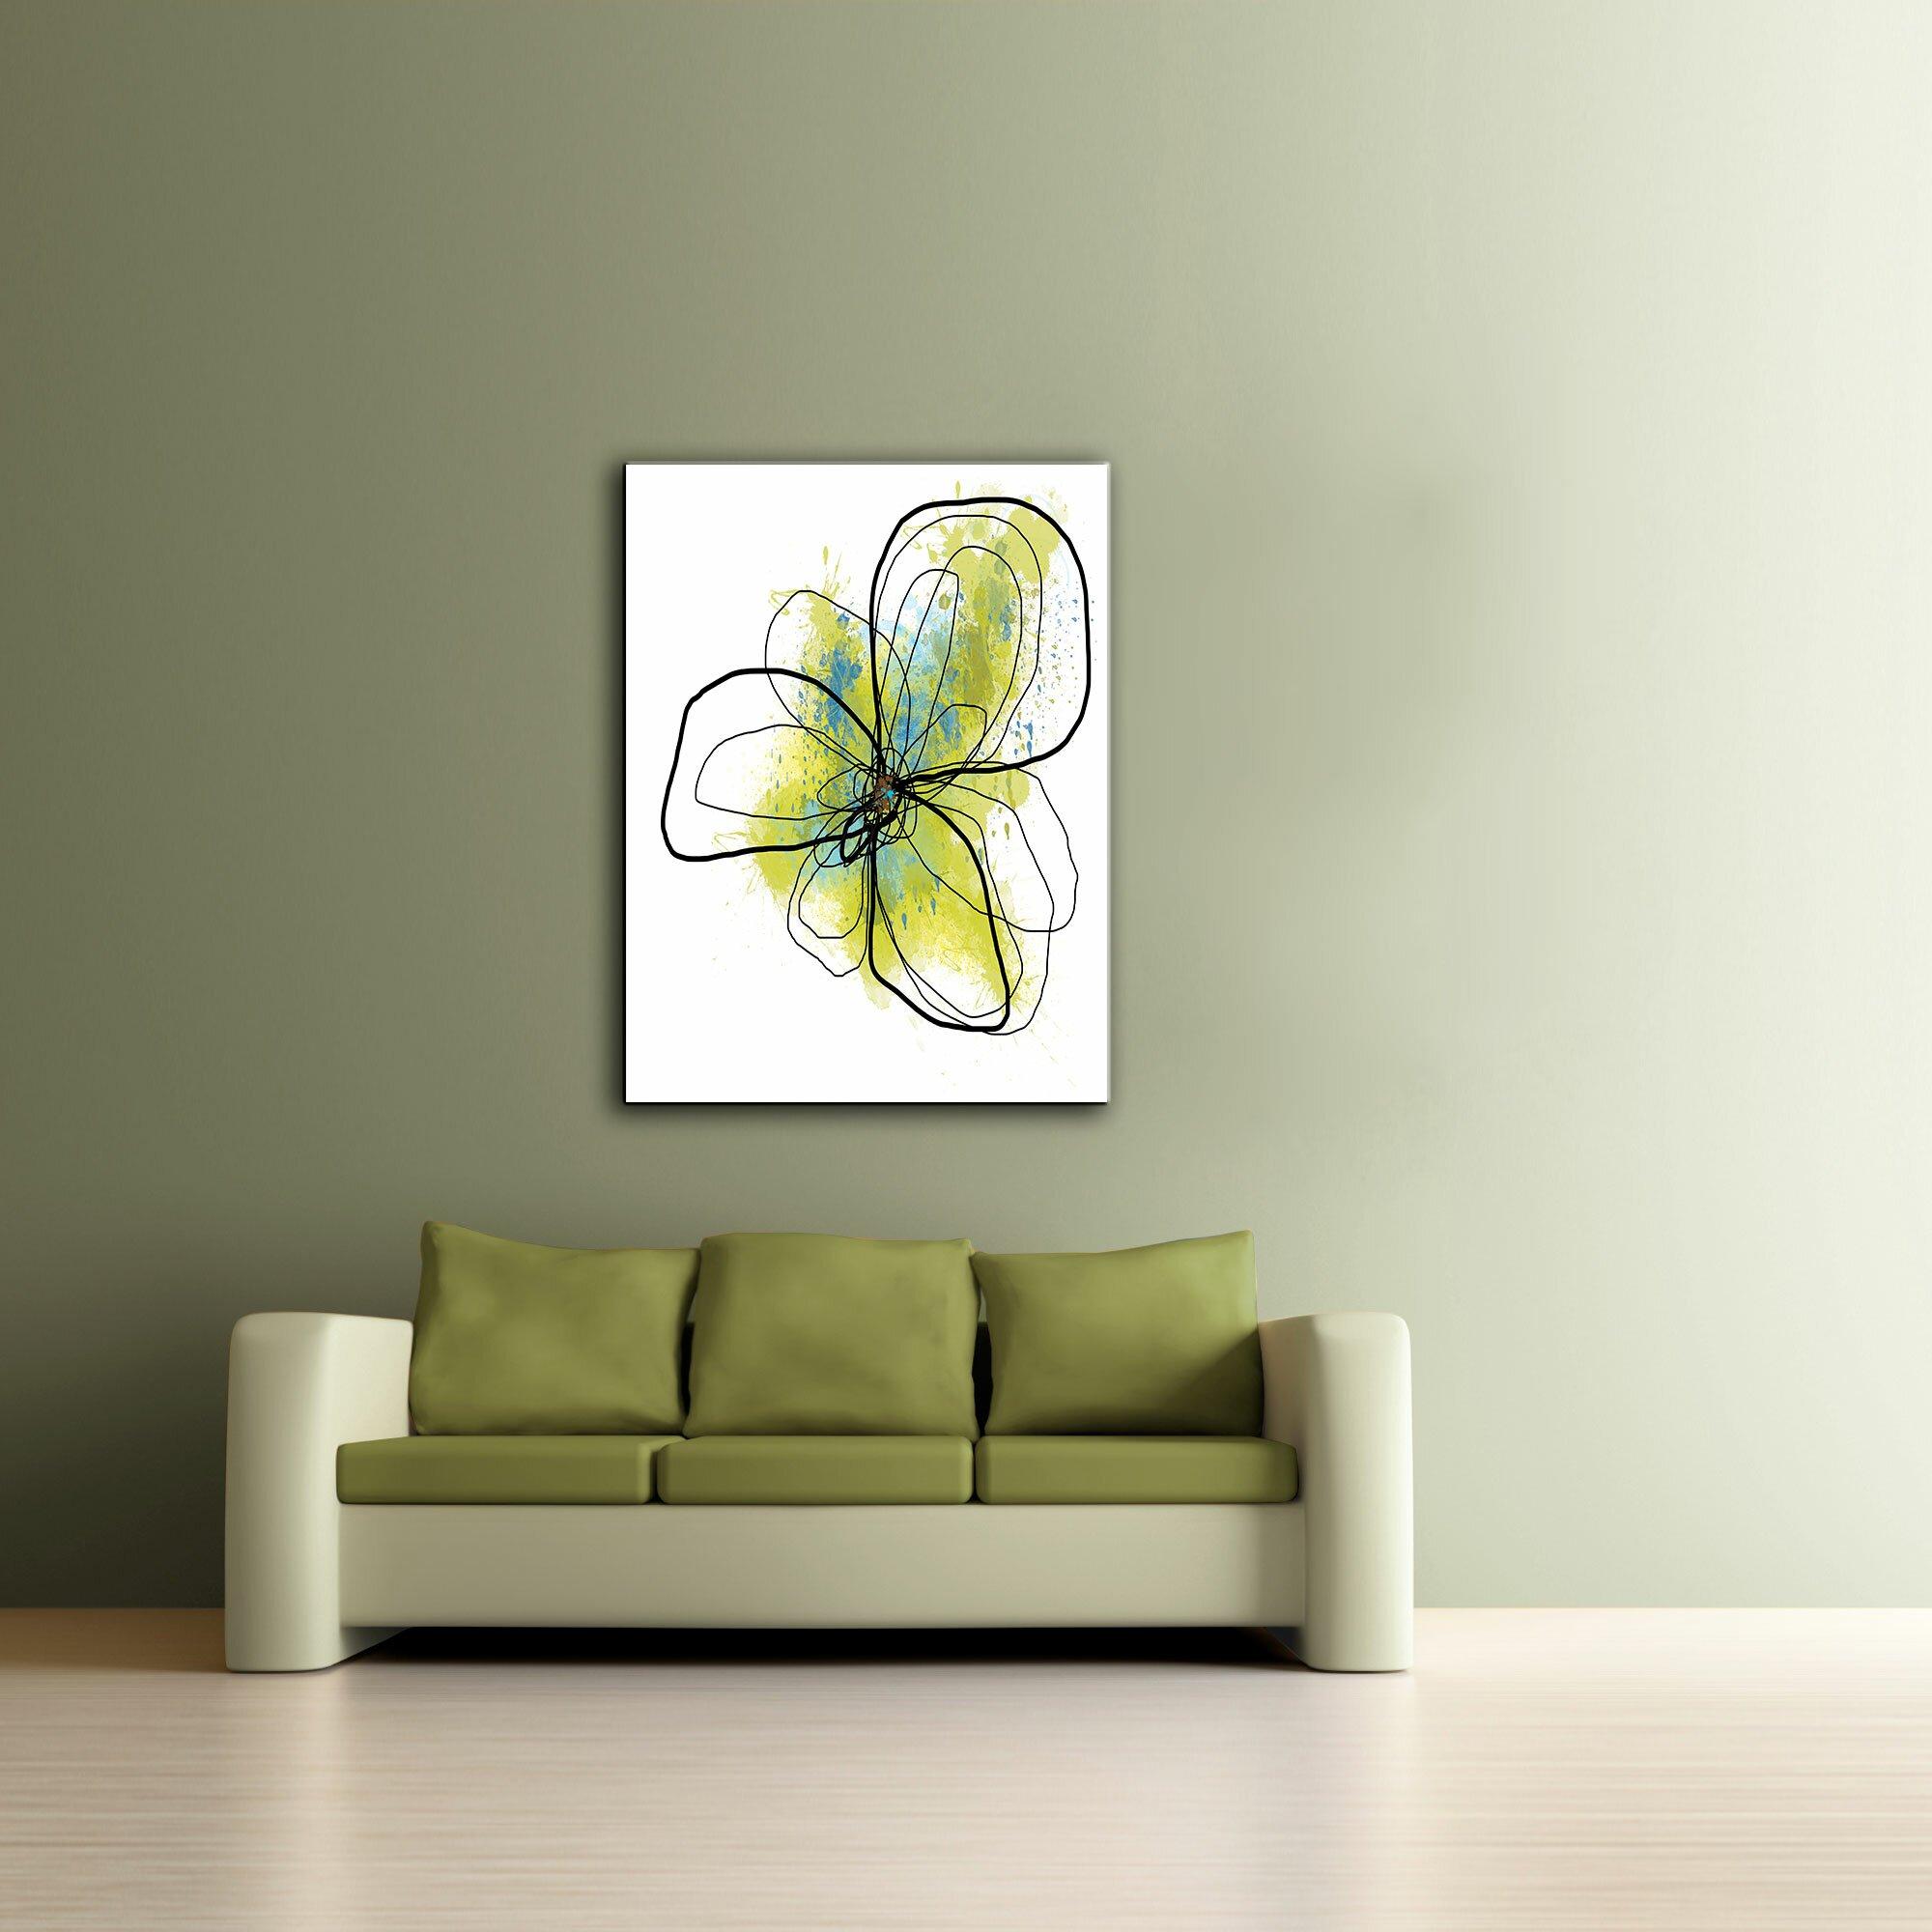 ArtWall ArtApeelz 'Citron Petals II' by Jan Weiss Graphic ...